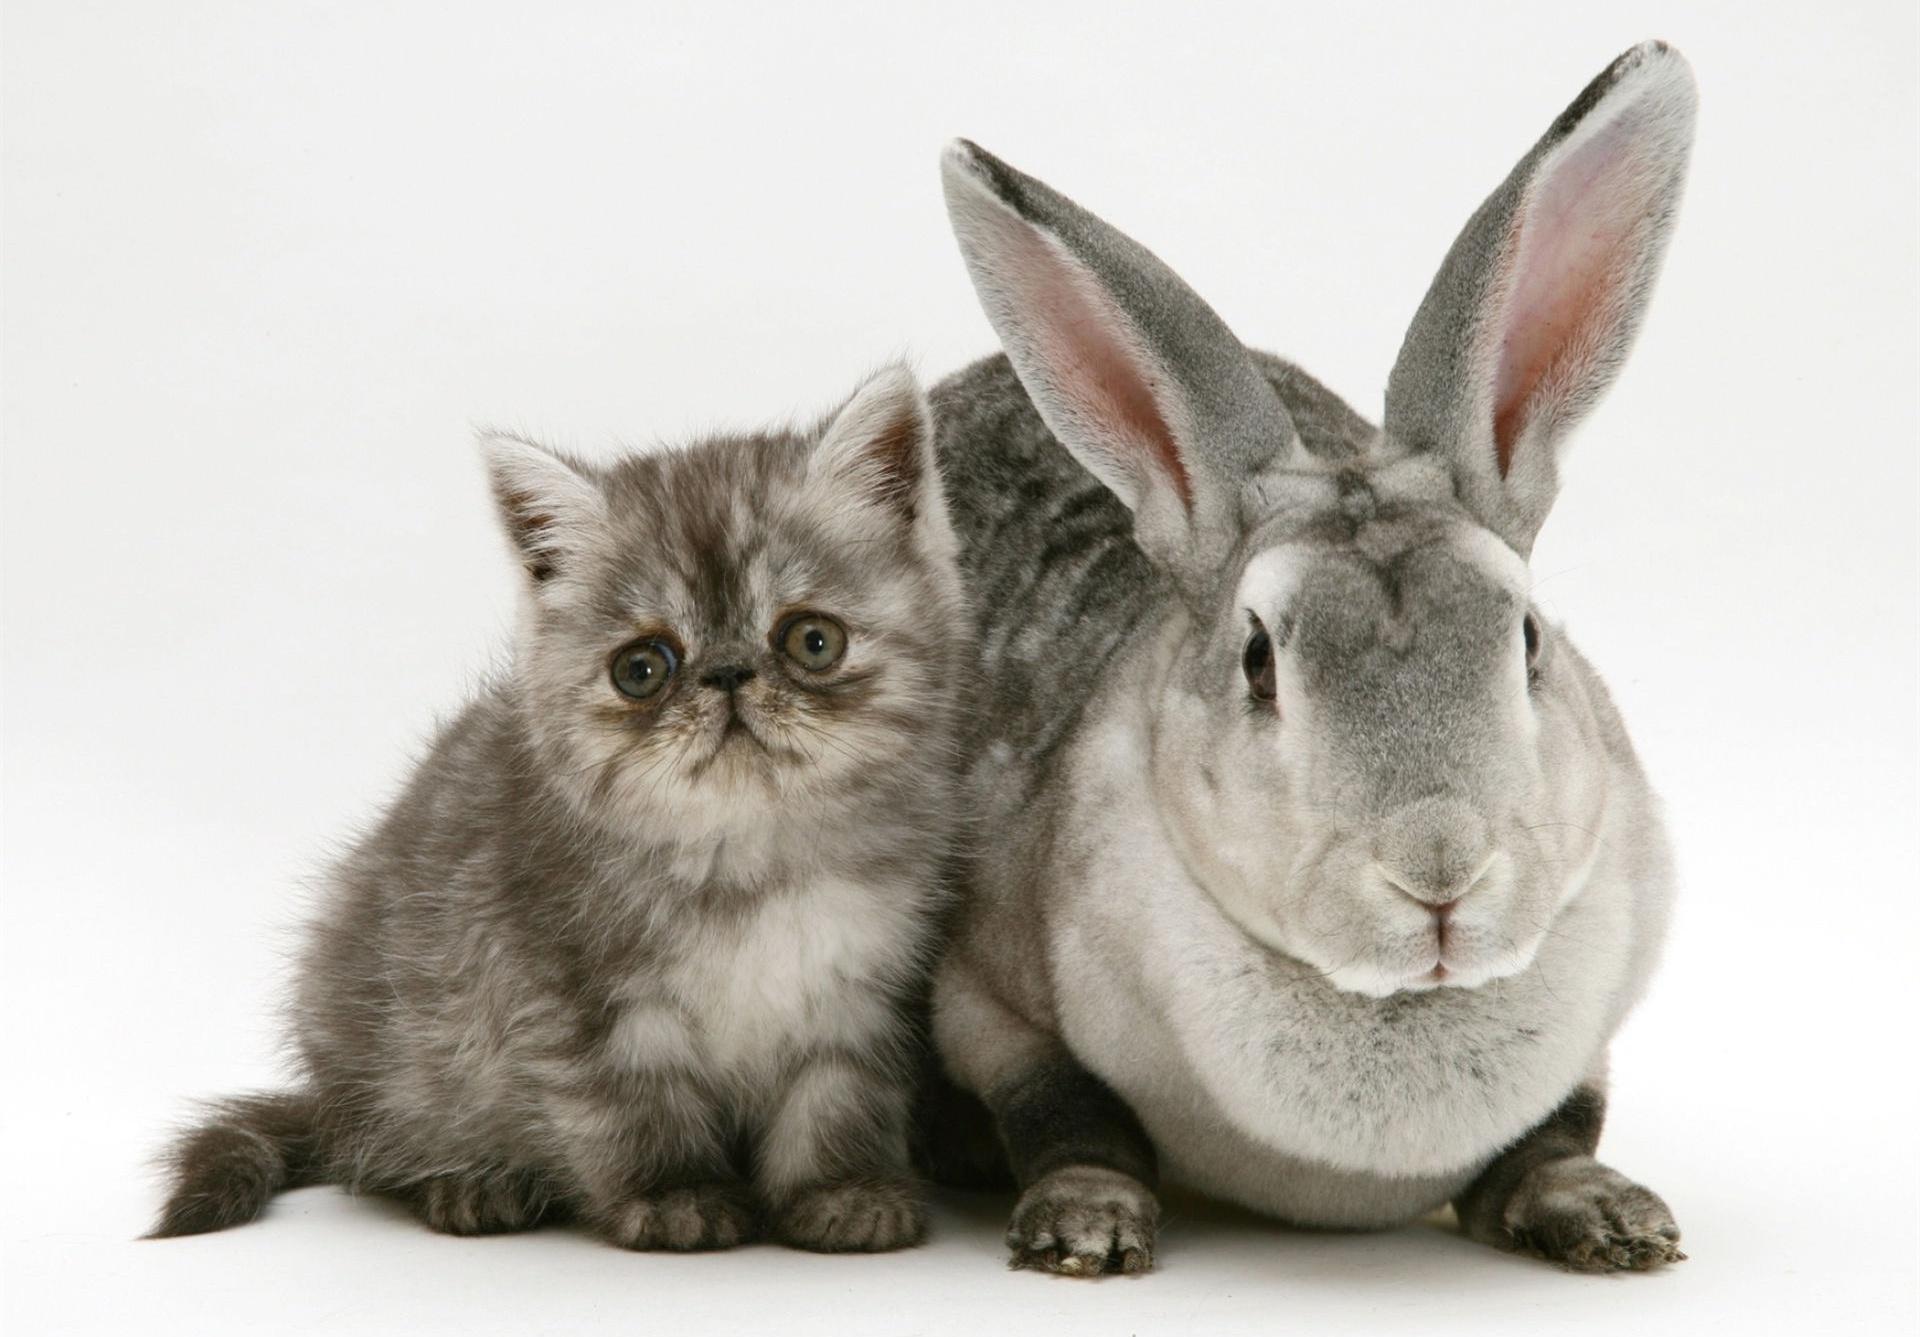 Картинки про зайцев и котов, раскладушка скрапбукинг